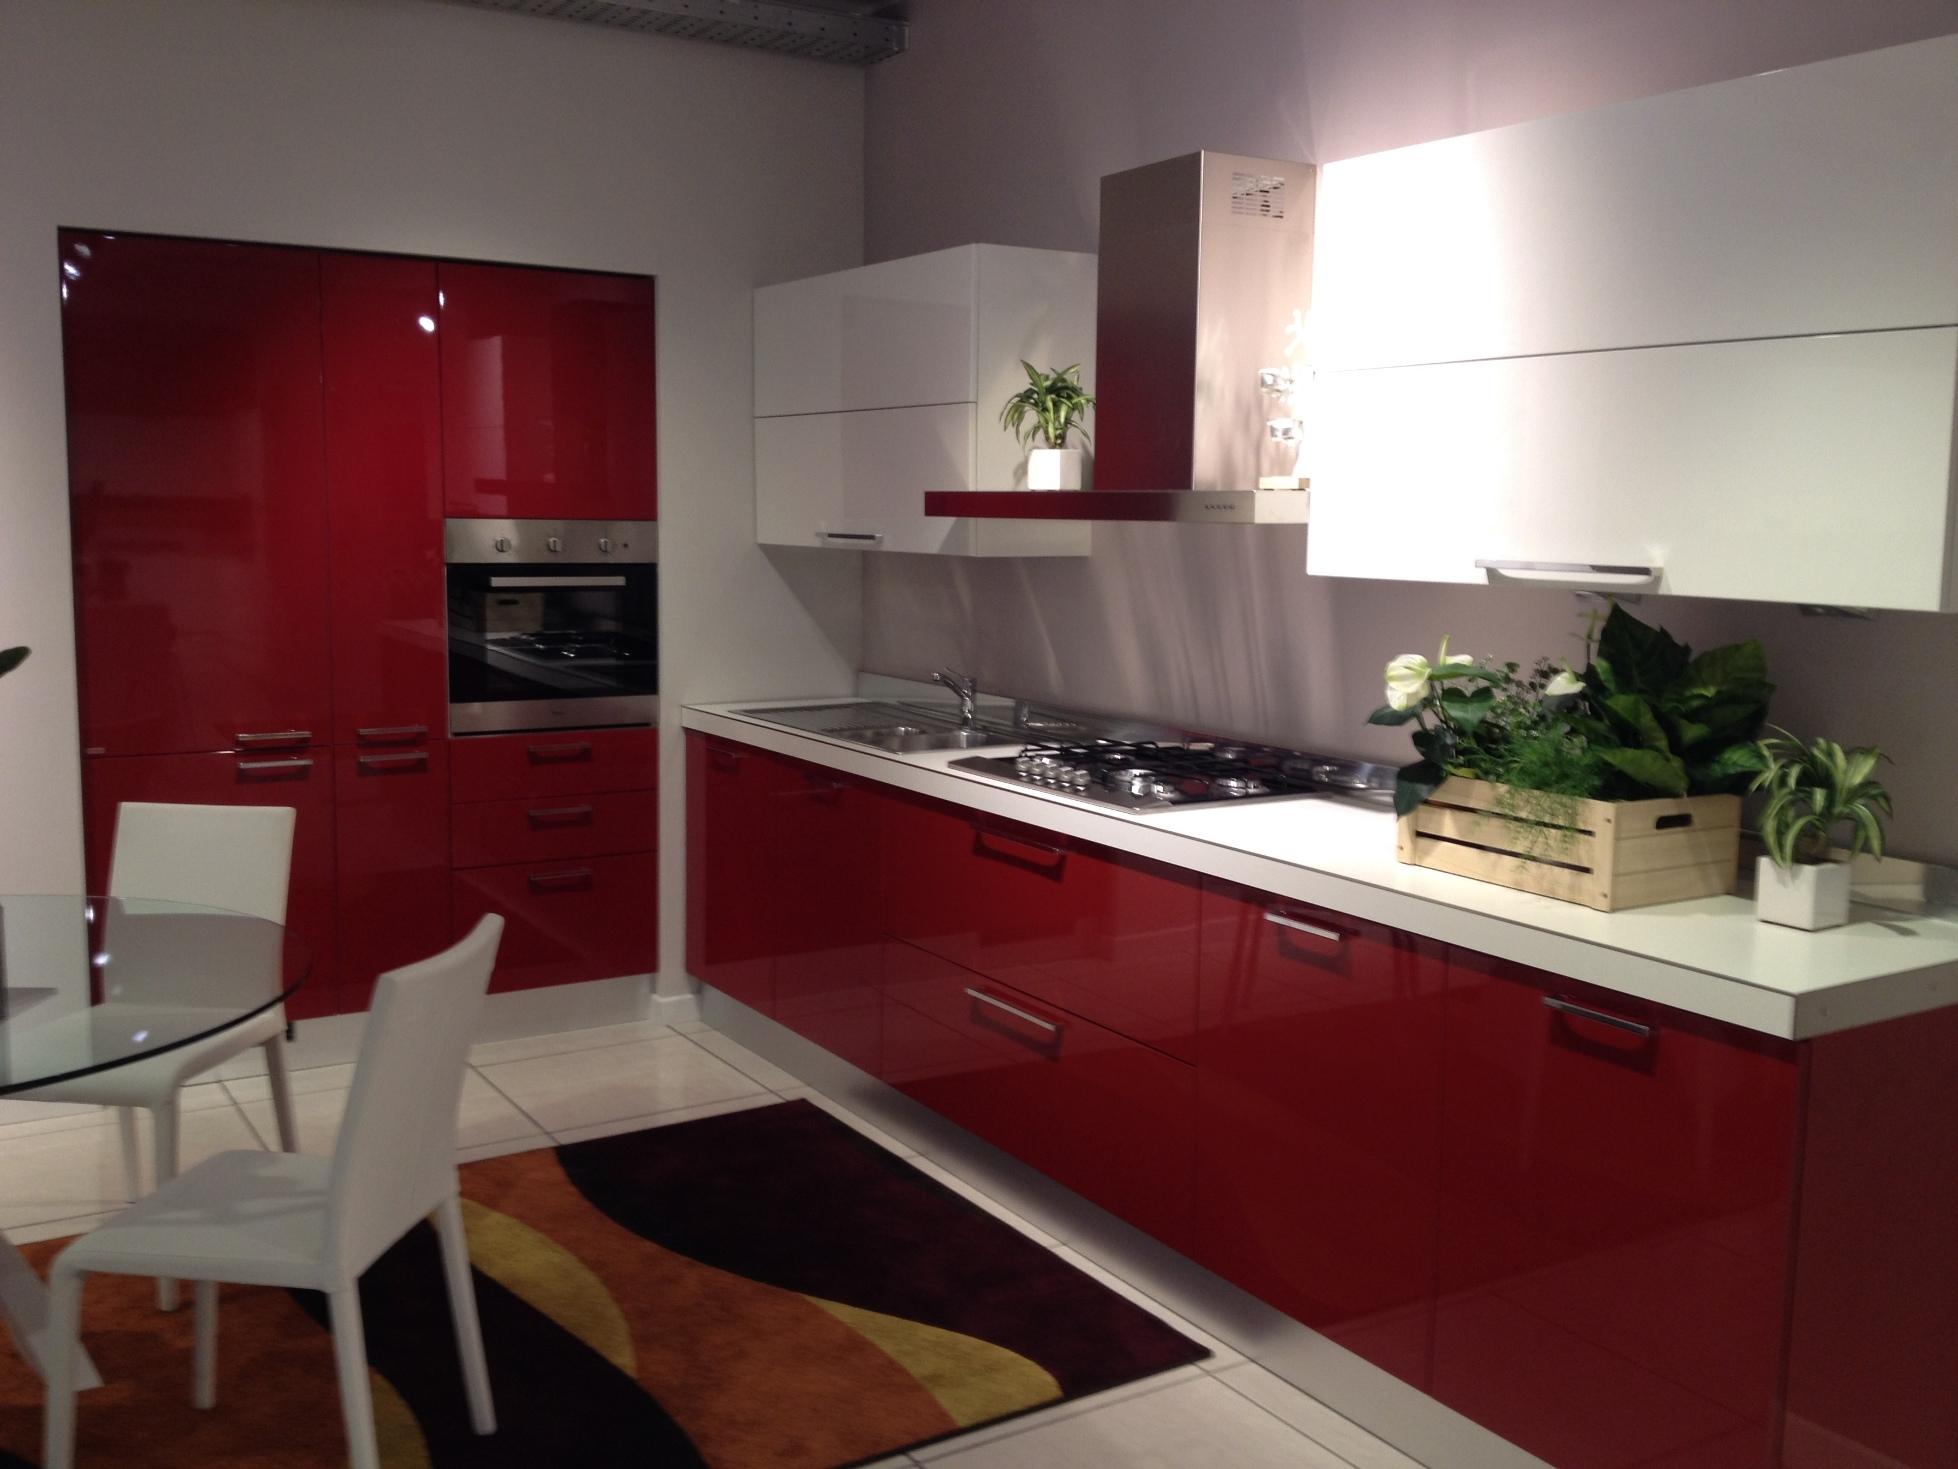 Scavolini cucina sax moderna laccato lucido rossa cucine for Arredo cucina moderna